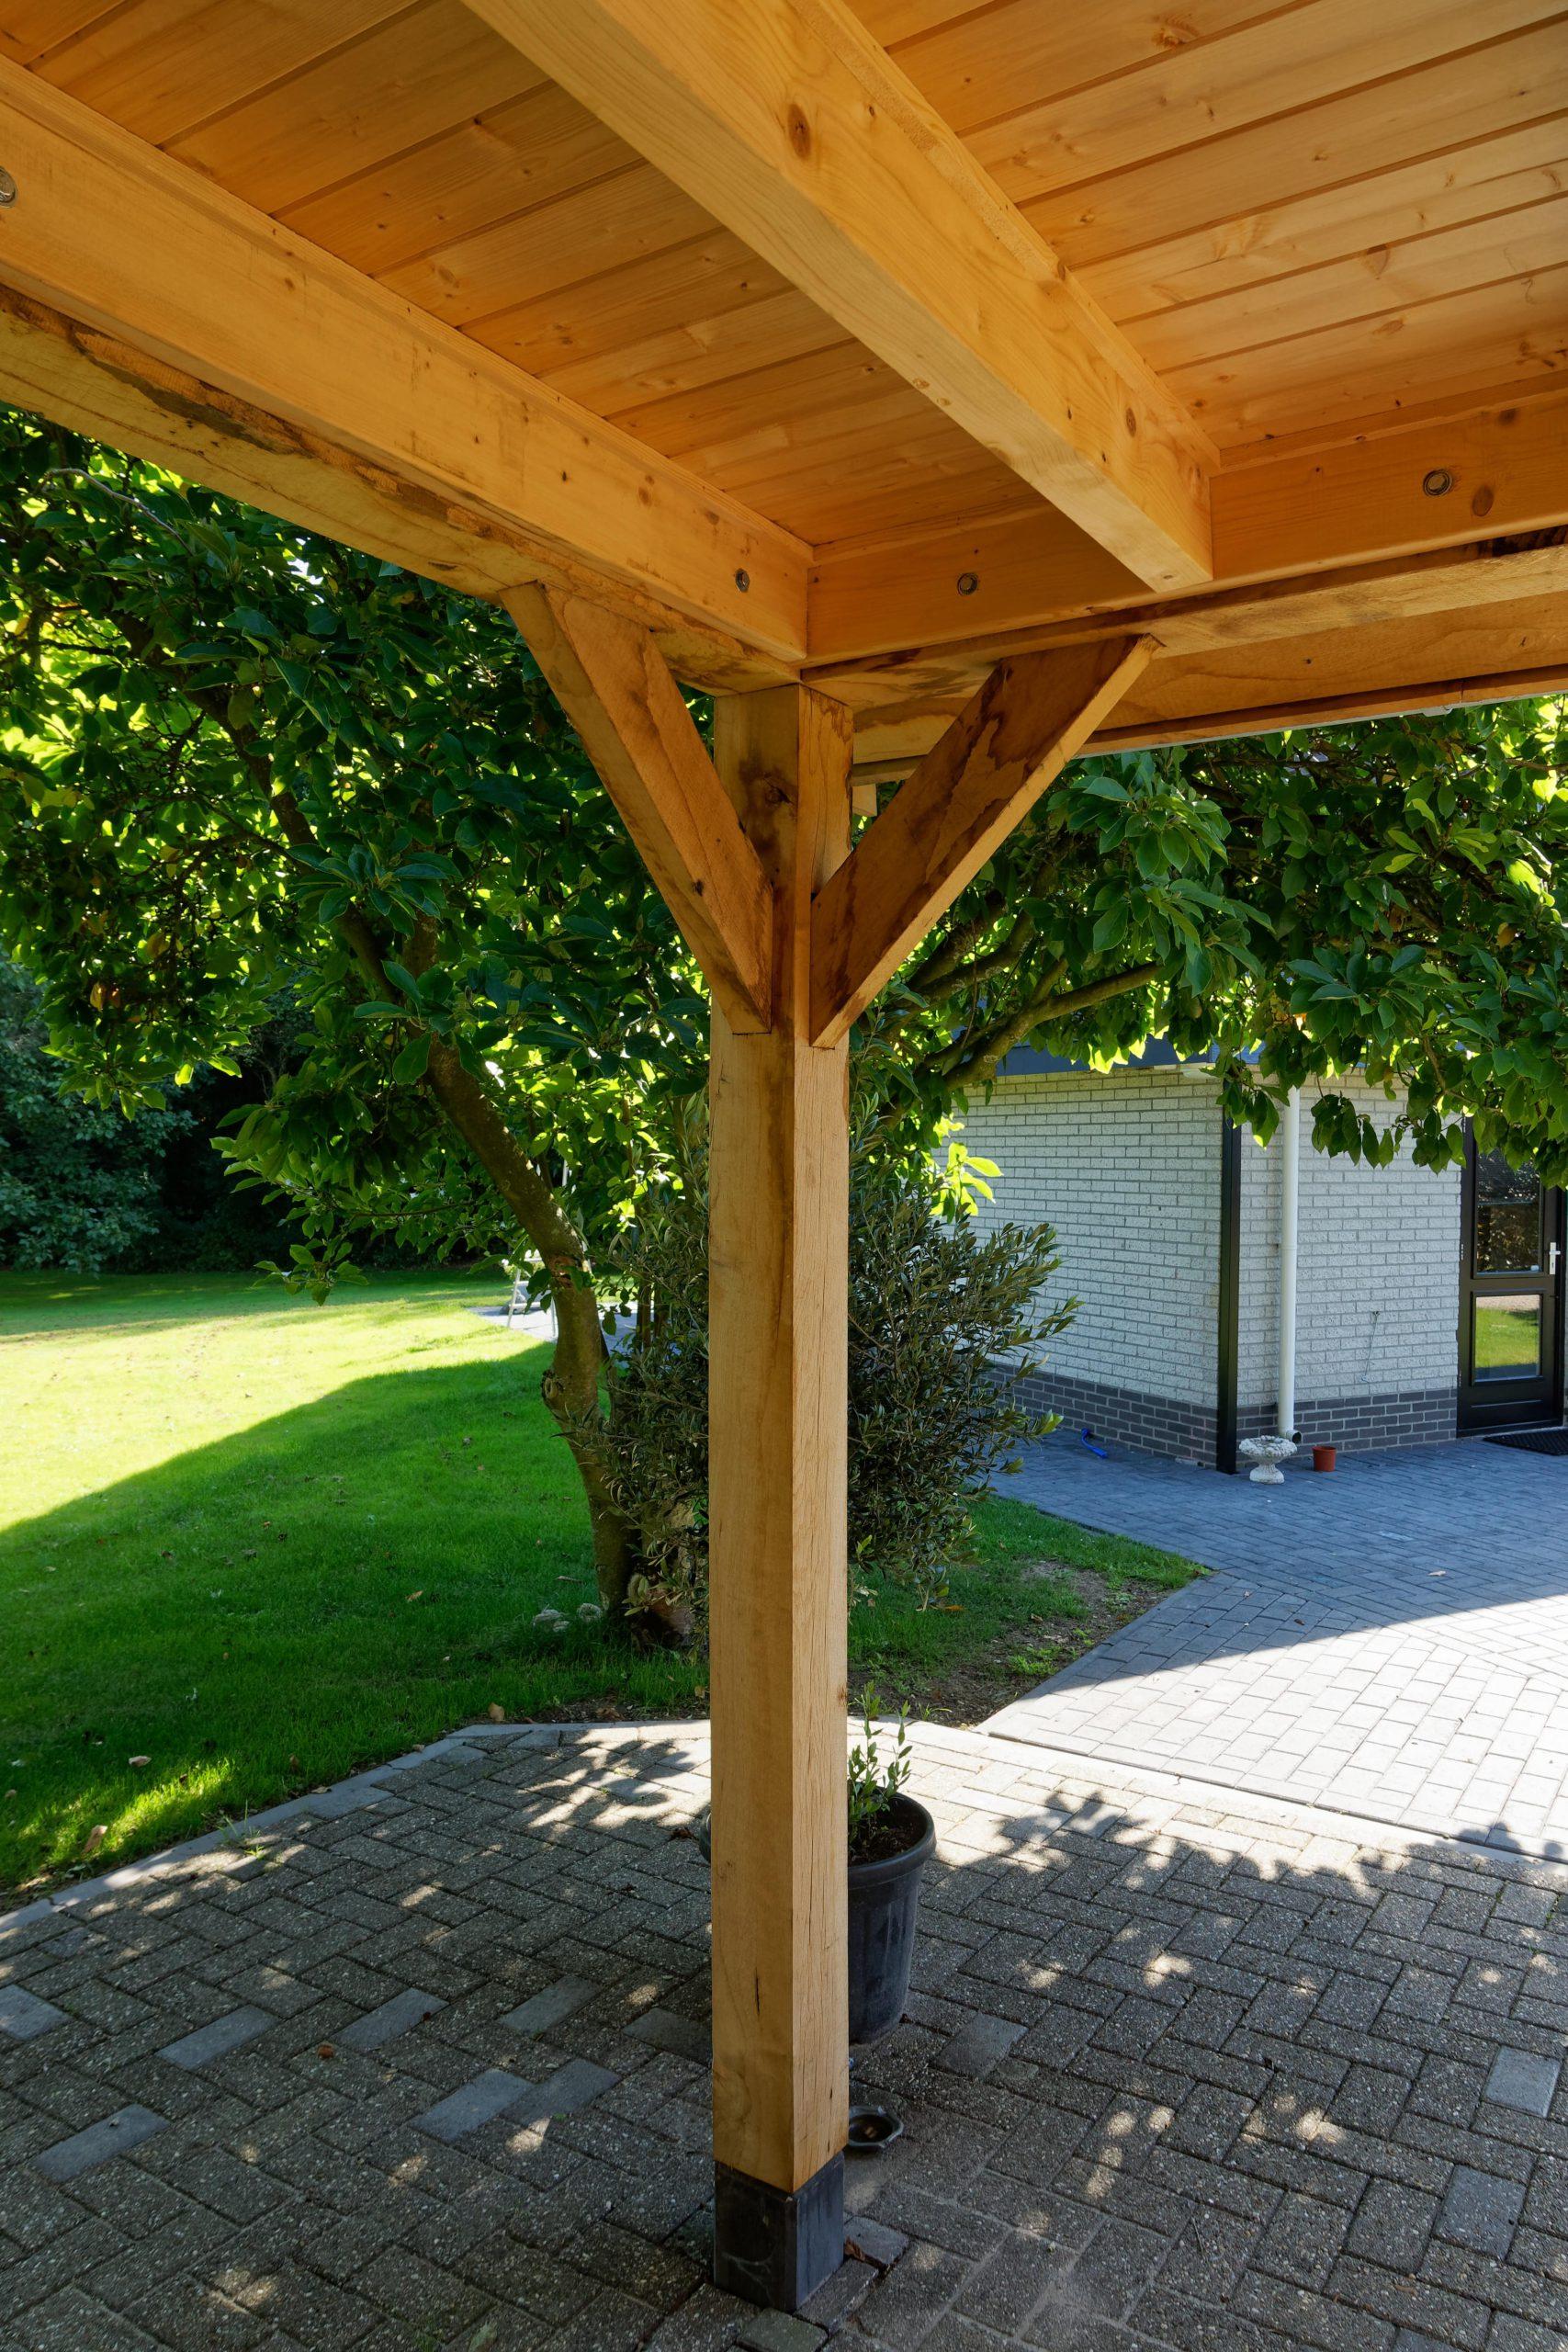 Landelijk-houten-schuur-8-scaled - Landelijke Schuur met carport